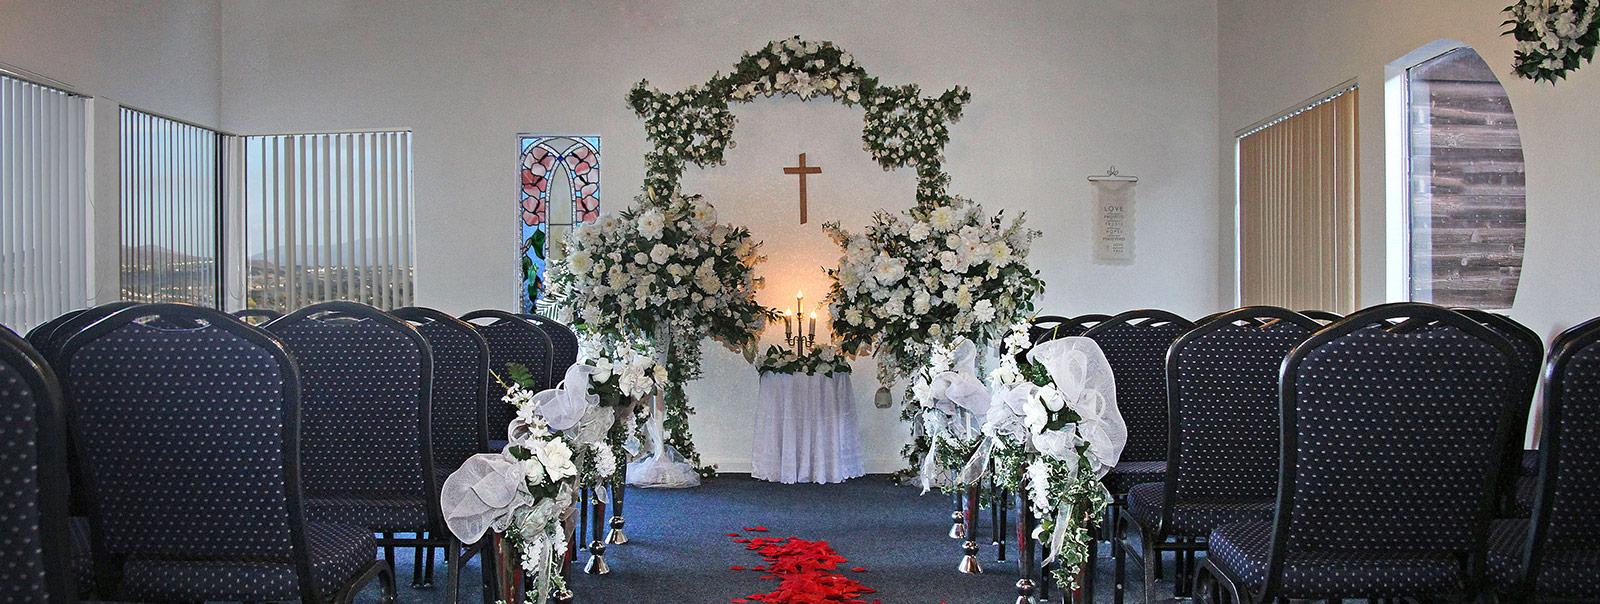 san diego wedding chapel